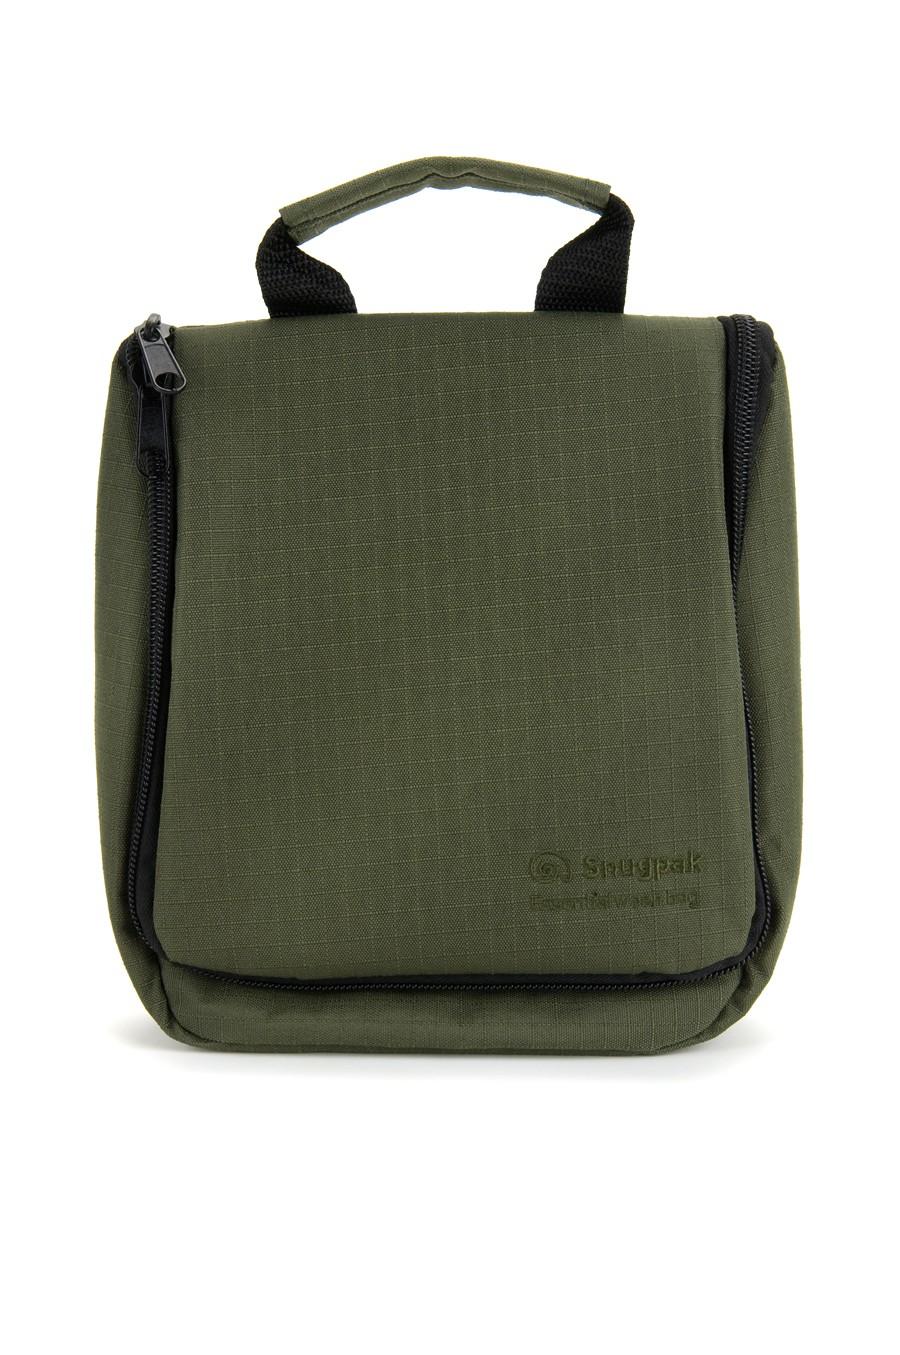 e59fa4de7375 1415897582686 essential washbag olive 1.jpg